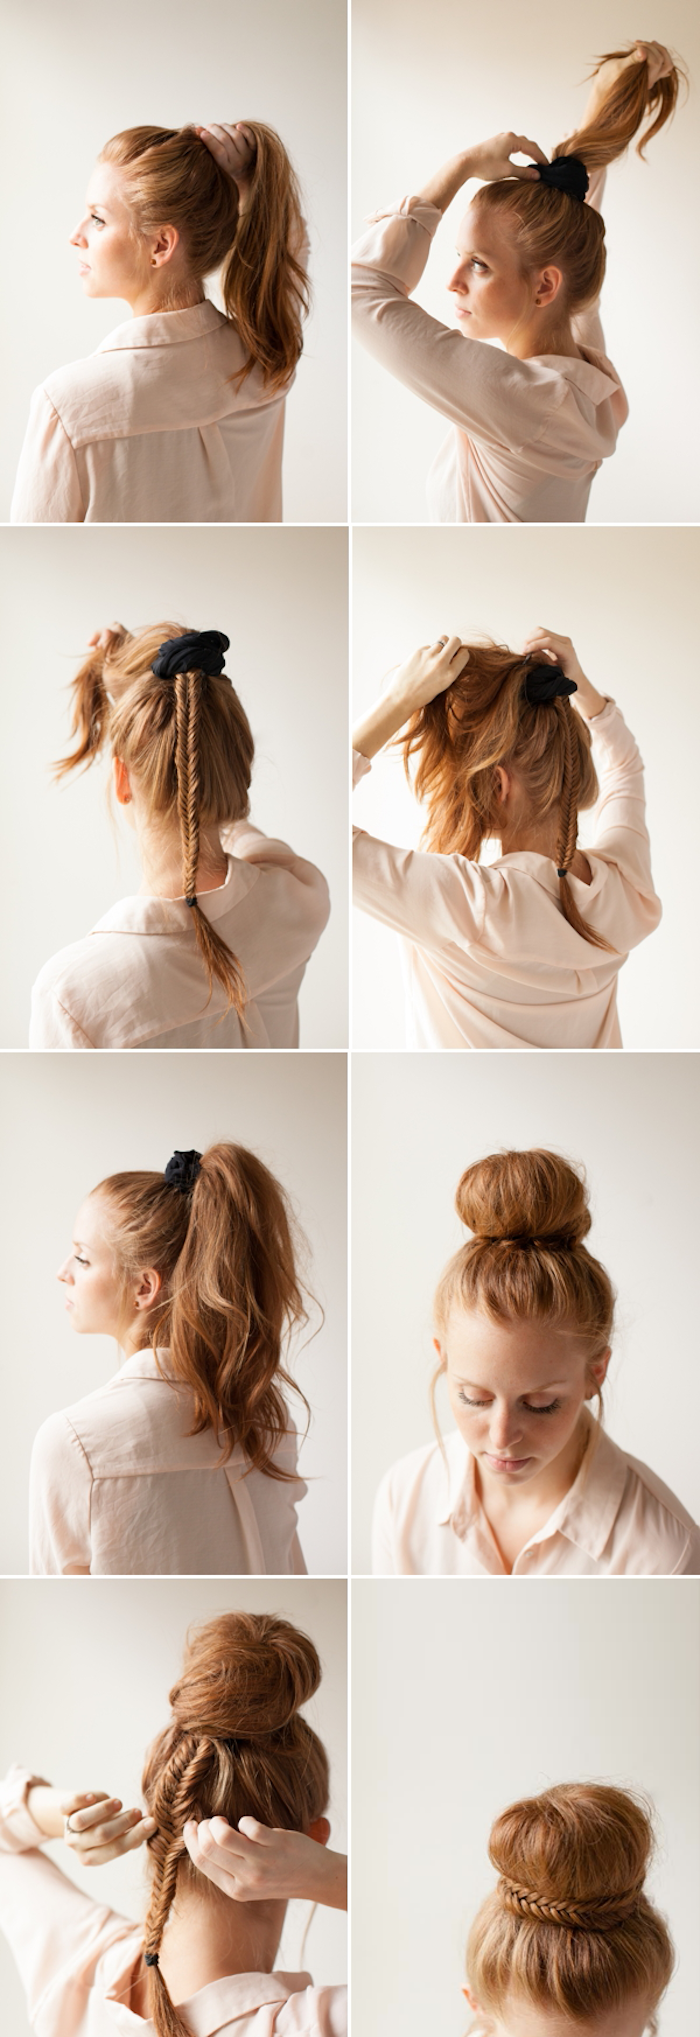 Dutt ohne Duttkissen selber stylen, Haare zum Pferdeschwanz binden und um das Haarband wickeln